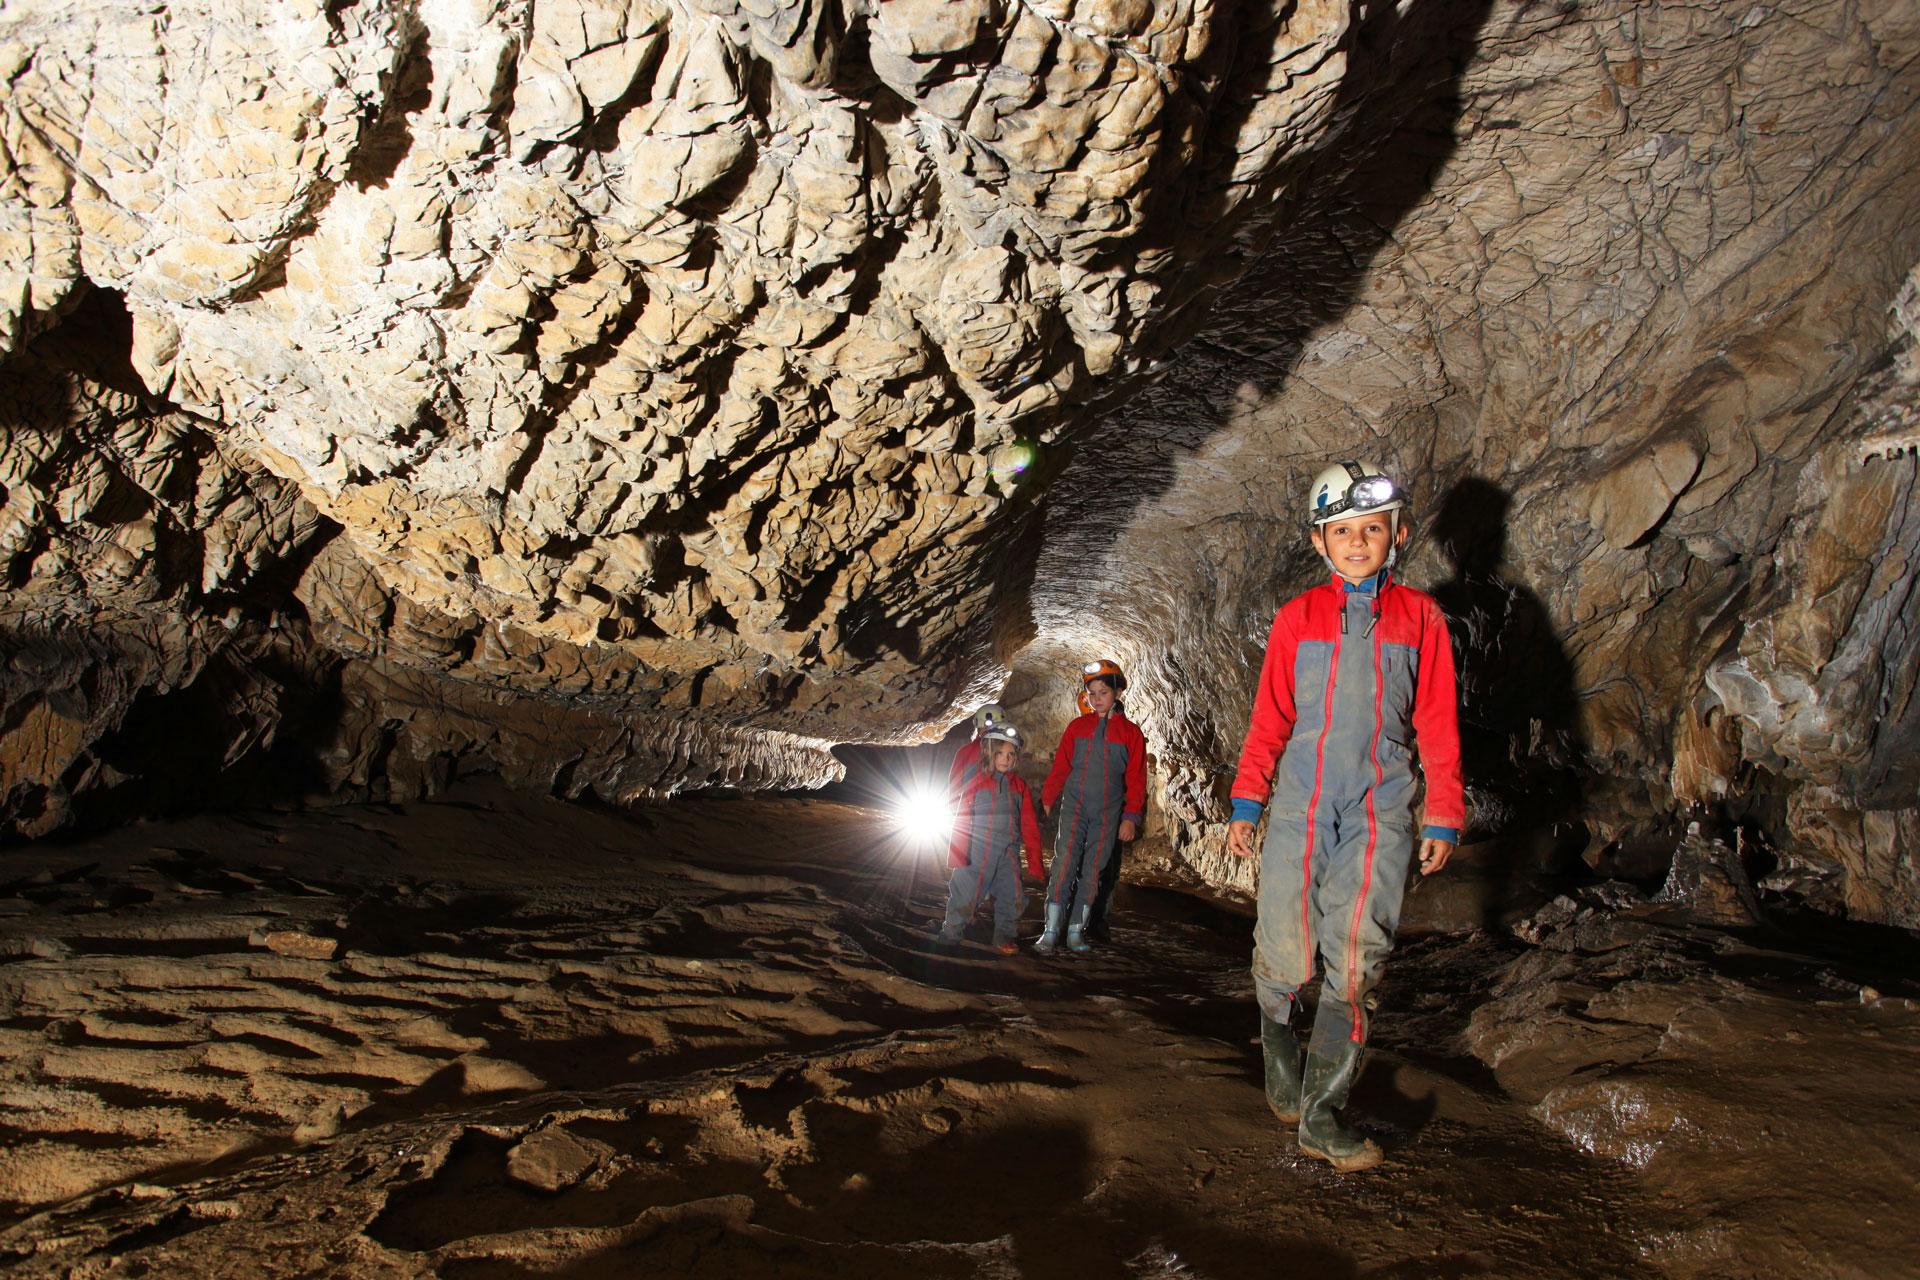 Spéléologie en Ariège, enfants dans une galerie de la grotte de Vicdessos en Ariège Pyrénées - Vertikarst ©Kasia